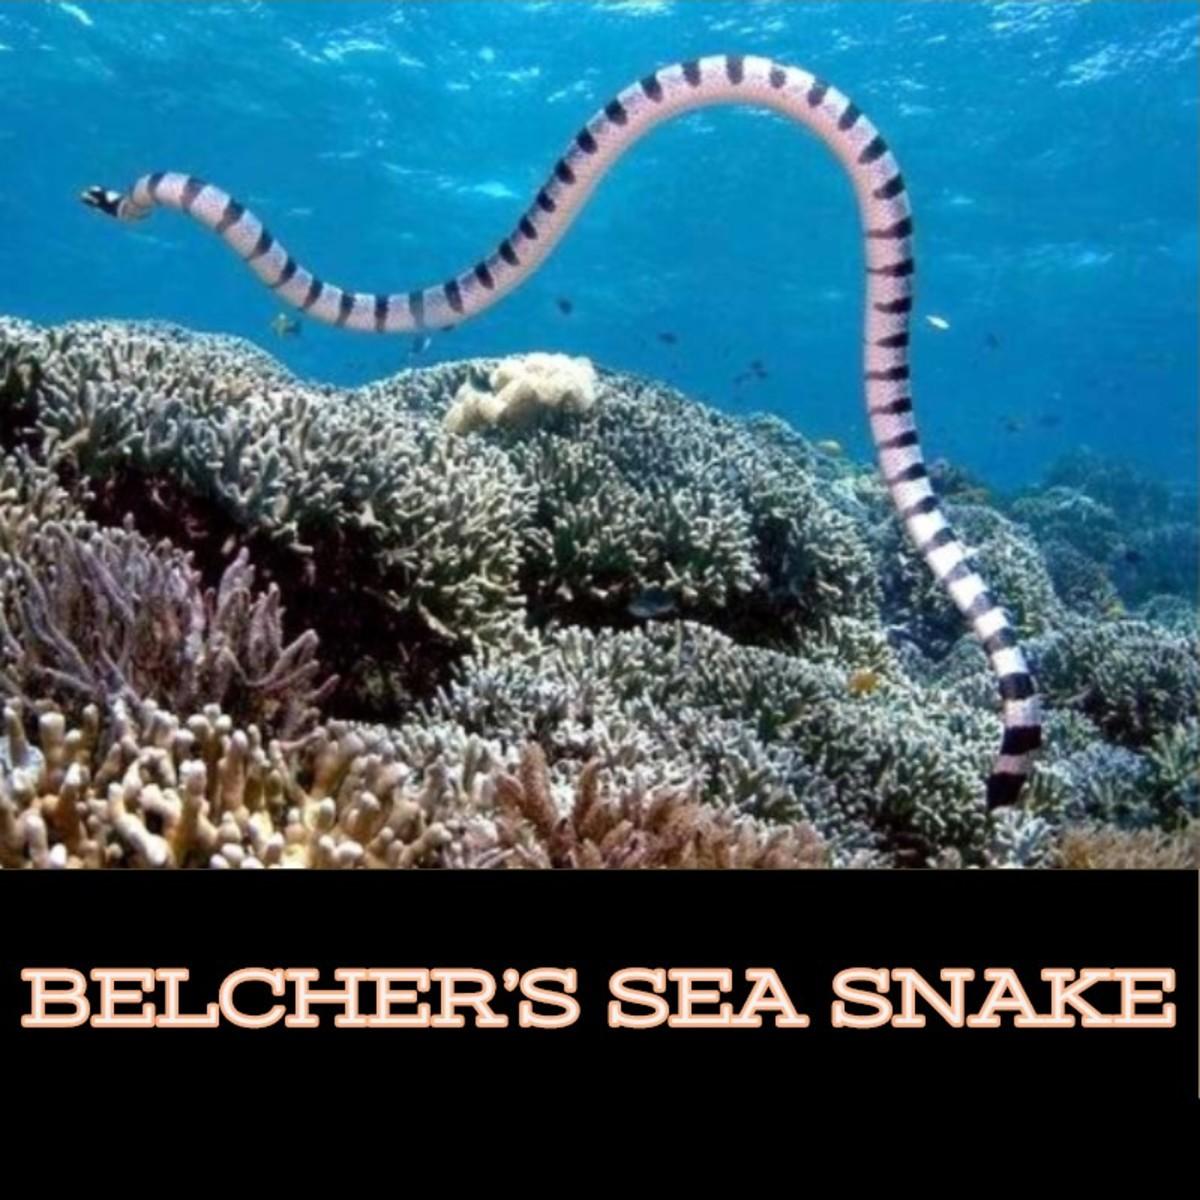 Belcher's Sea Snake.